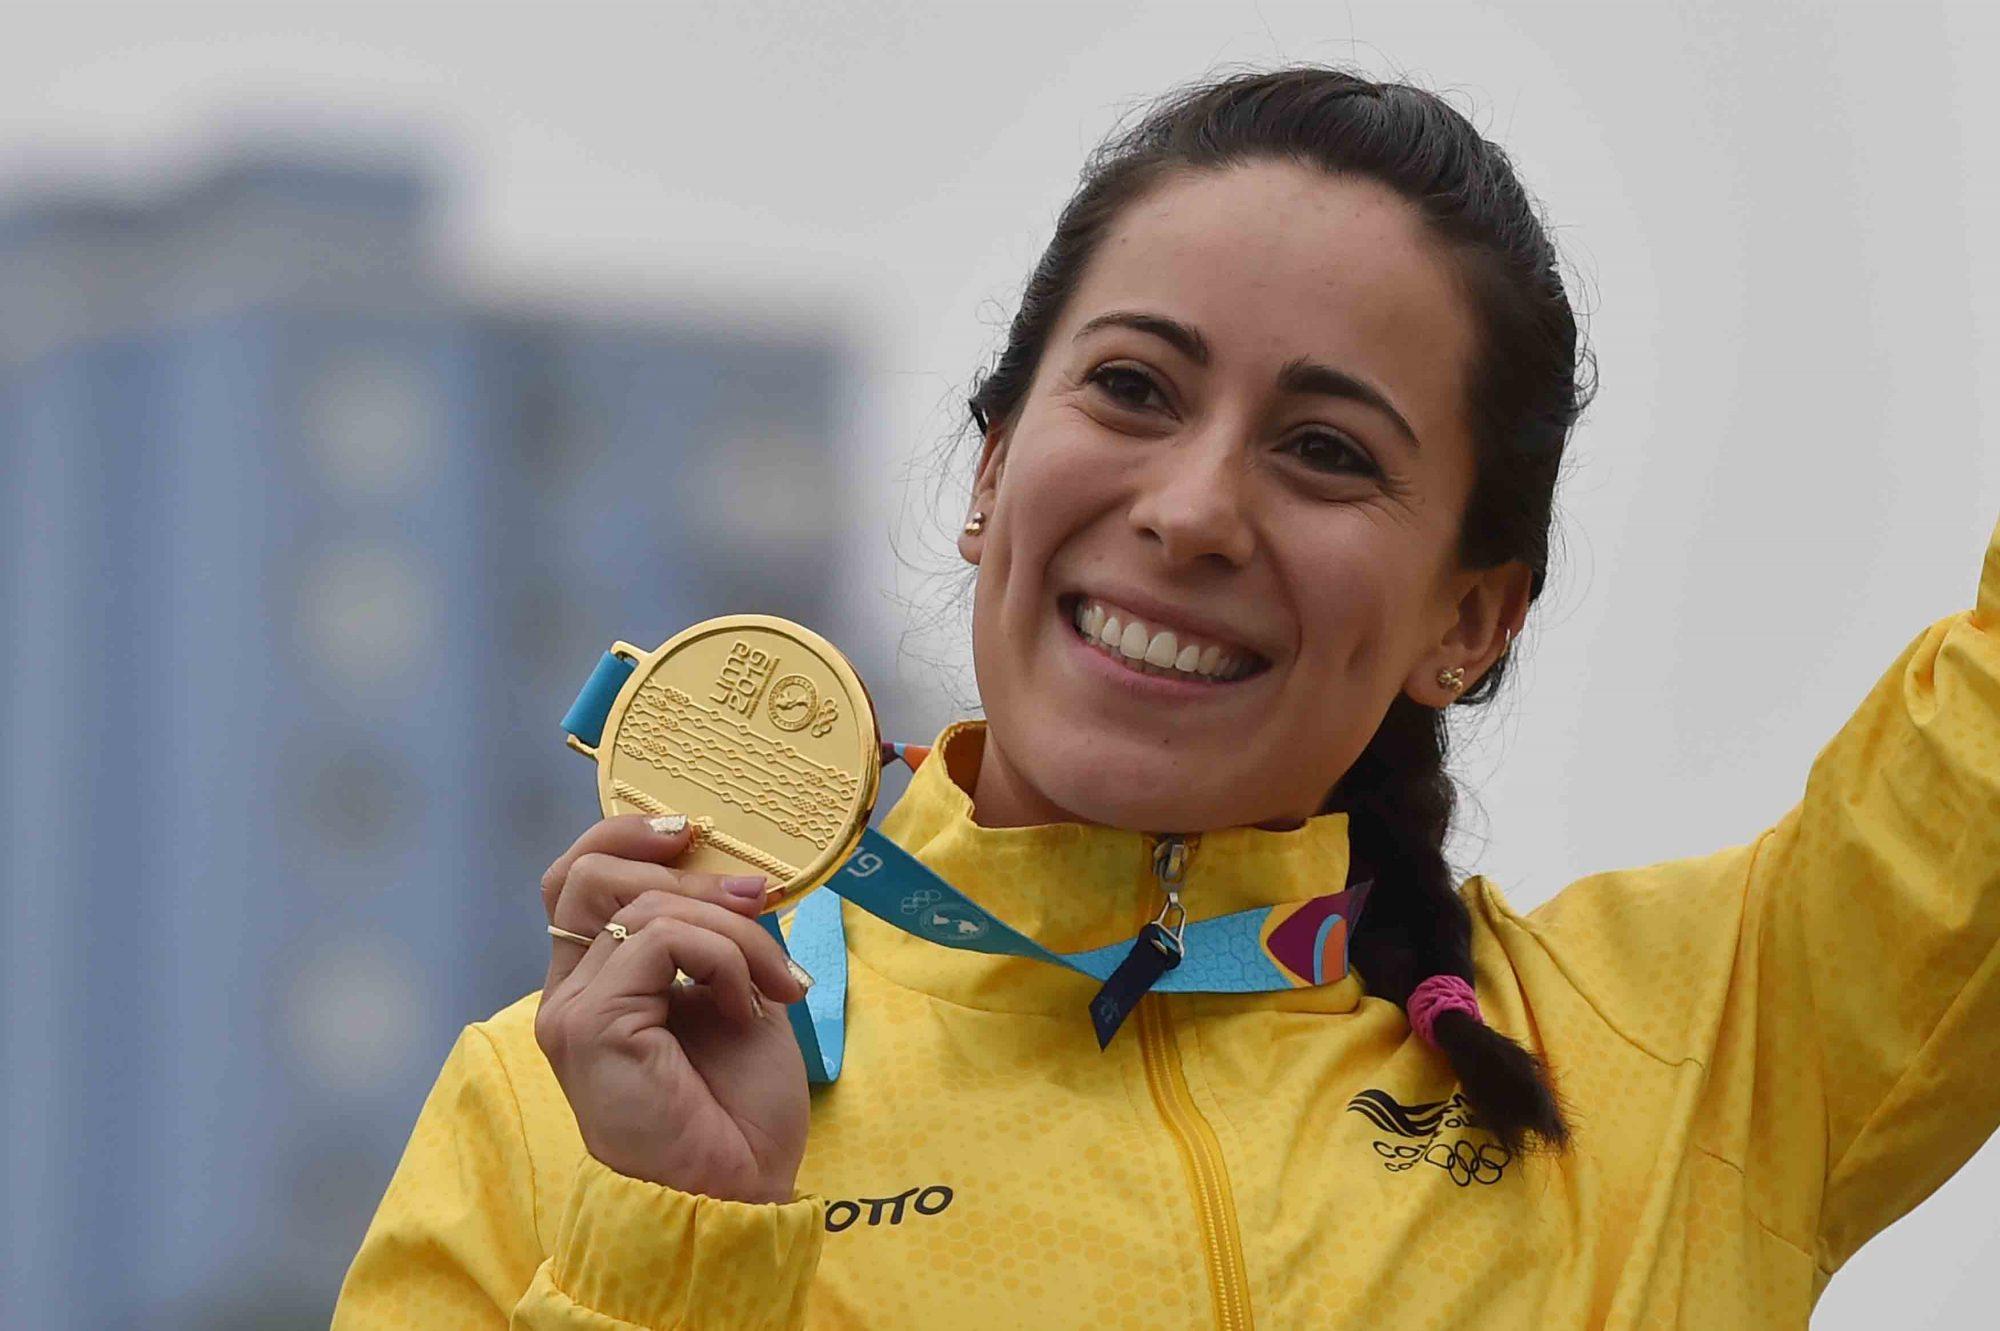 La reina del BMX, como es reconocida, ha ganado tres medallas olímpicas para Colombia, y es la única atleta de este país que ha logrado subirse a lo más alto del podio en dos ocasiones. En Tokio 2020 ganó una medalla de plata.